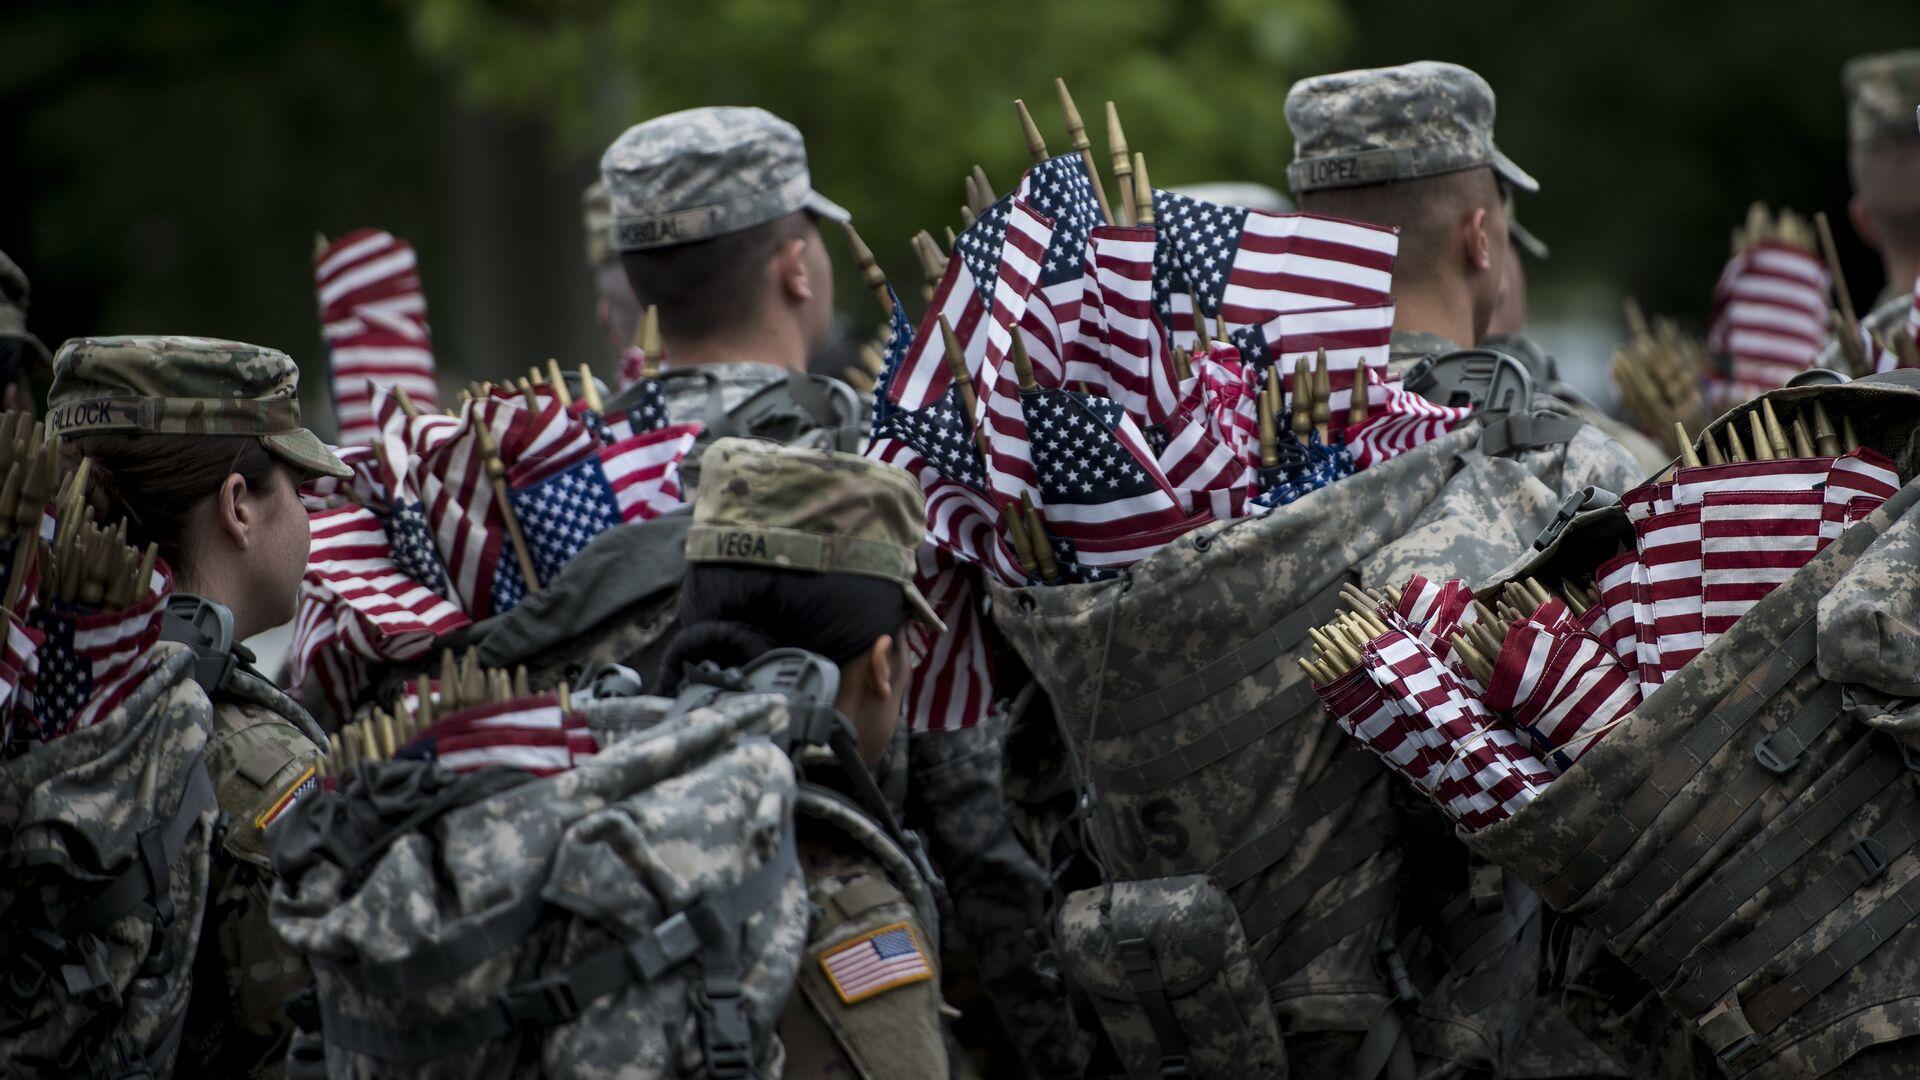 Soldados estadounidenses con banderas del país - Sputnik Mundo, 1920, 21.03.2021